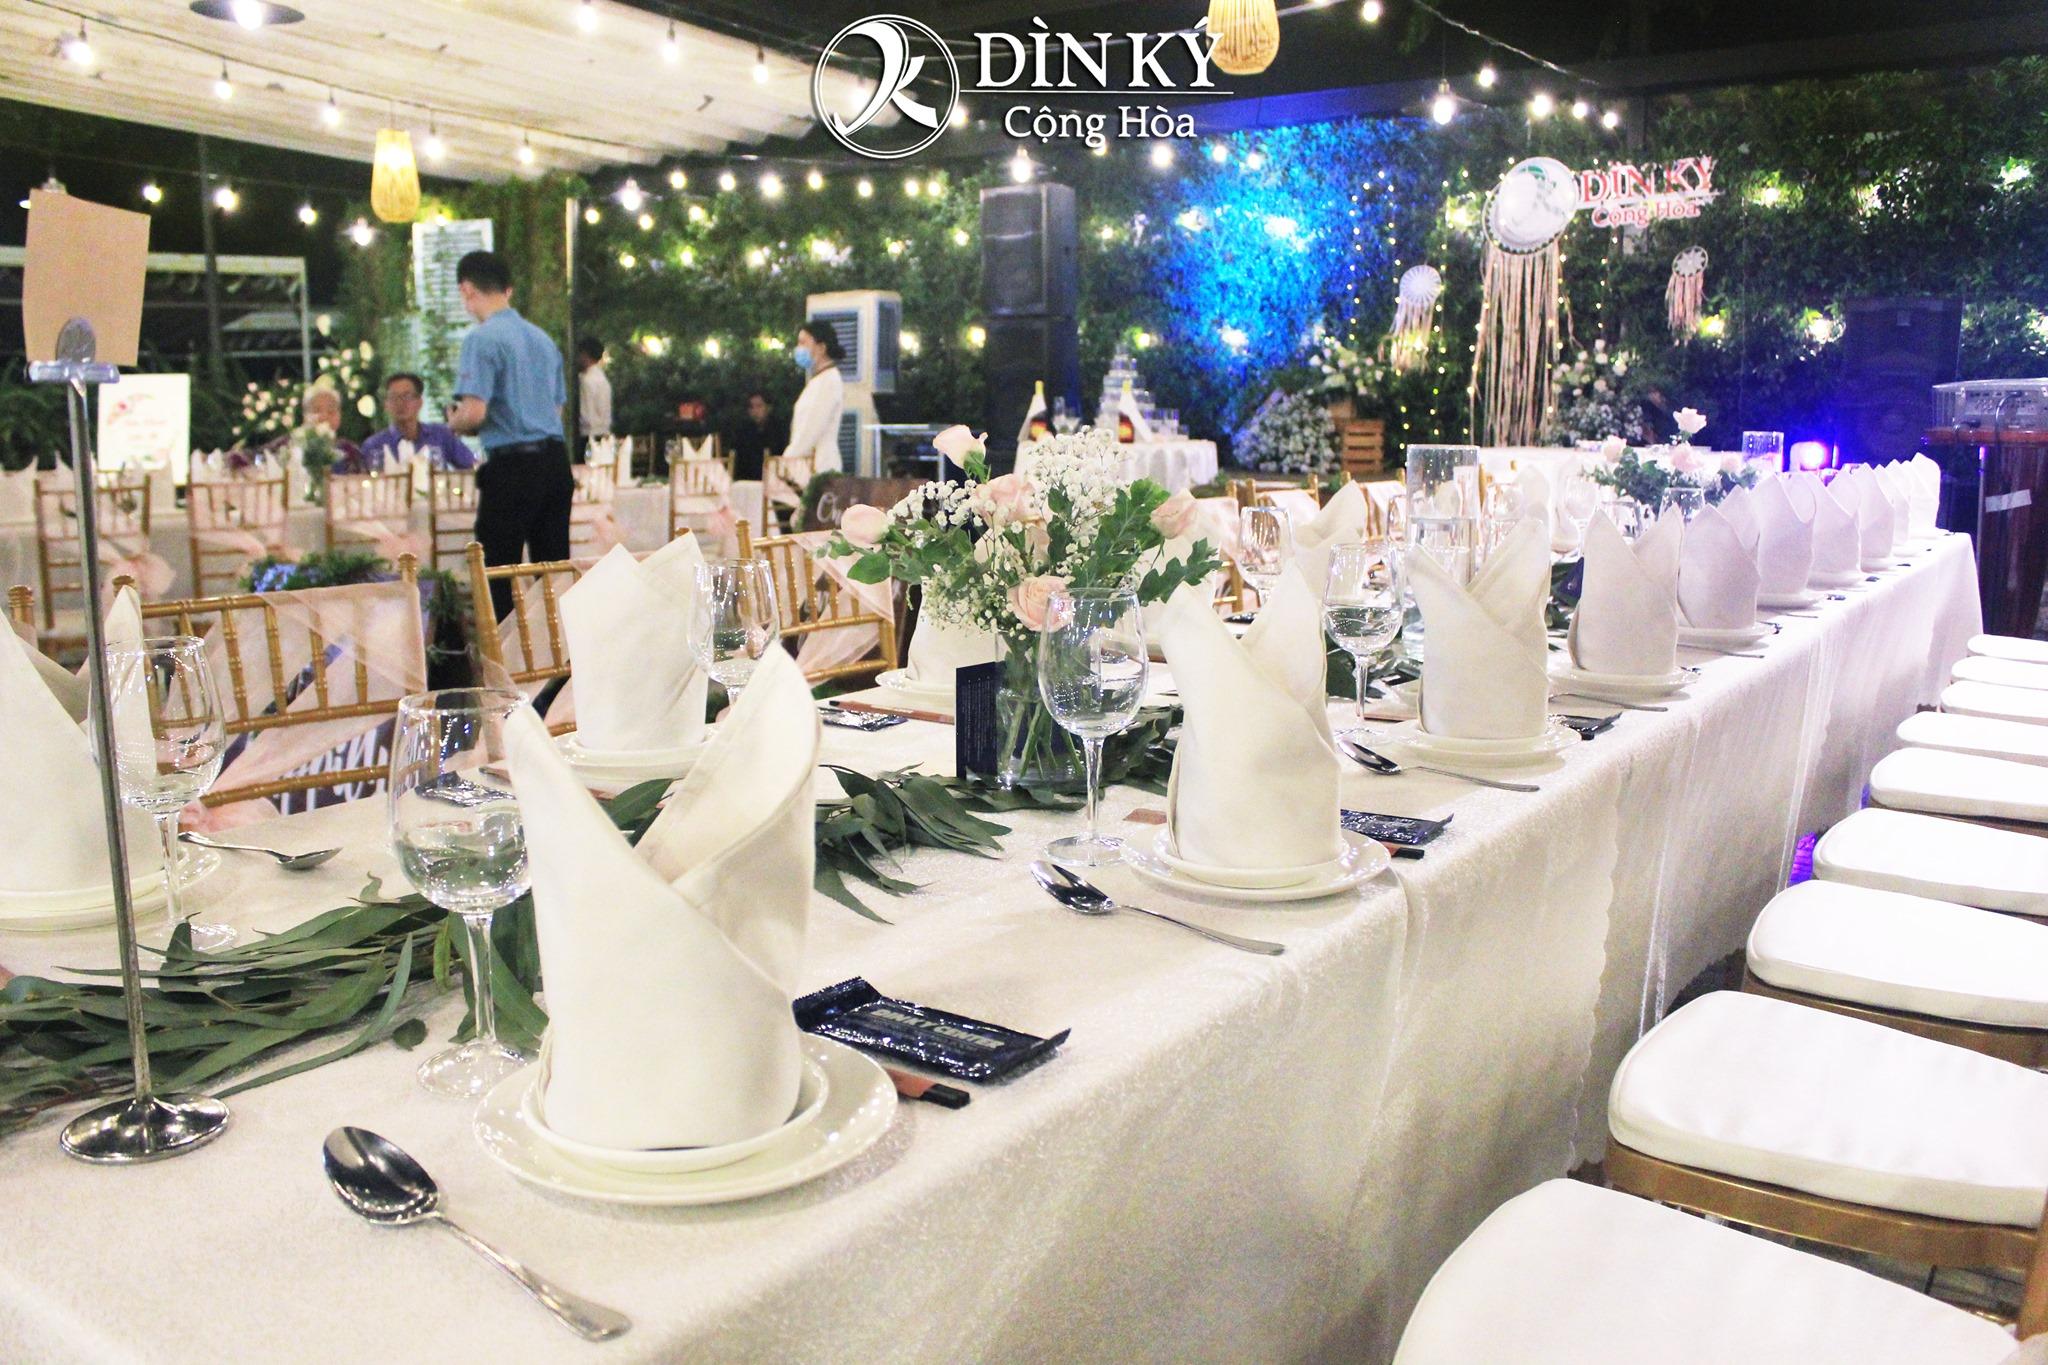 Trang trí tiệc cưới Dìn Ký Center